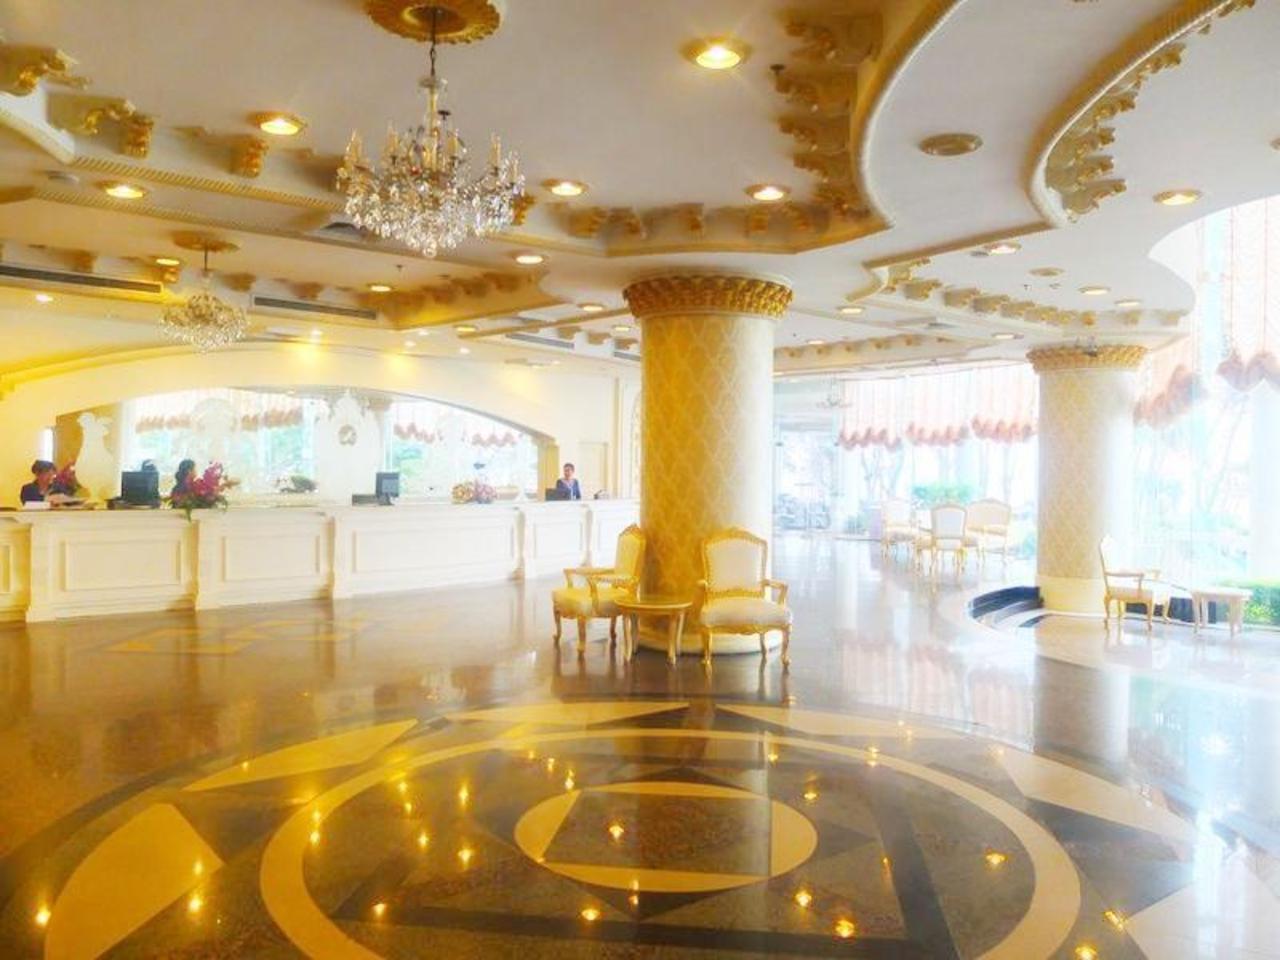 เอเดรียติก พาเลซ โฮเต็ล พัทยา (Adriatic Palace Hotel Pattaya)